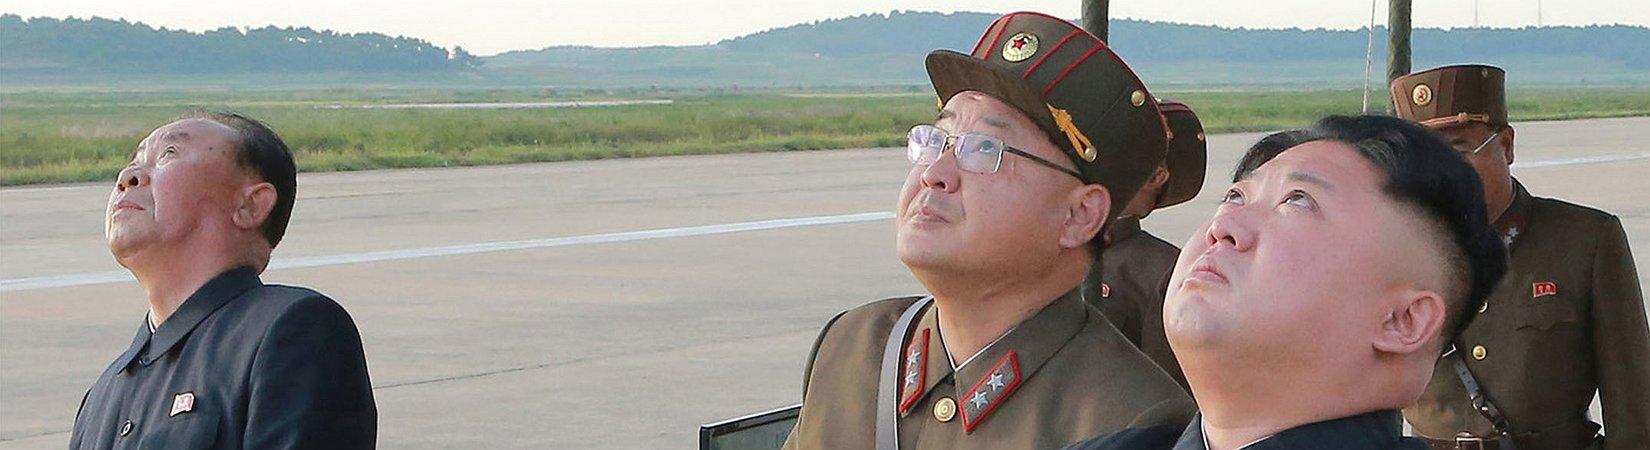 Coreia do Norte retomou testes com mísseis balísticos